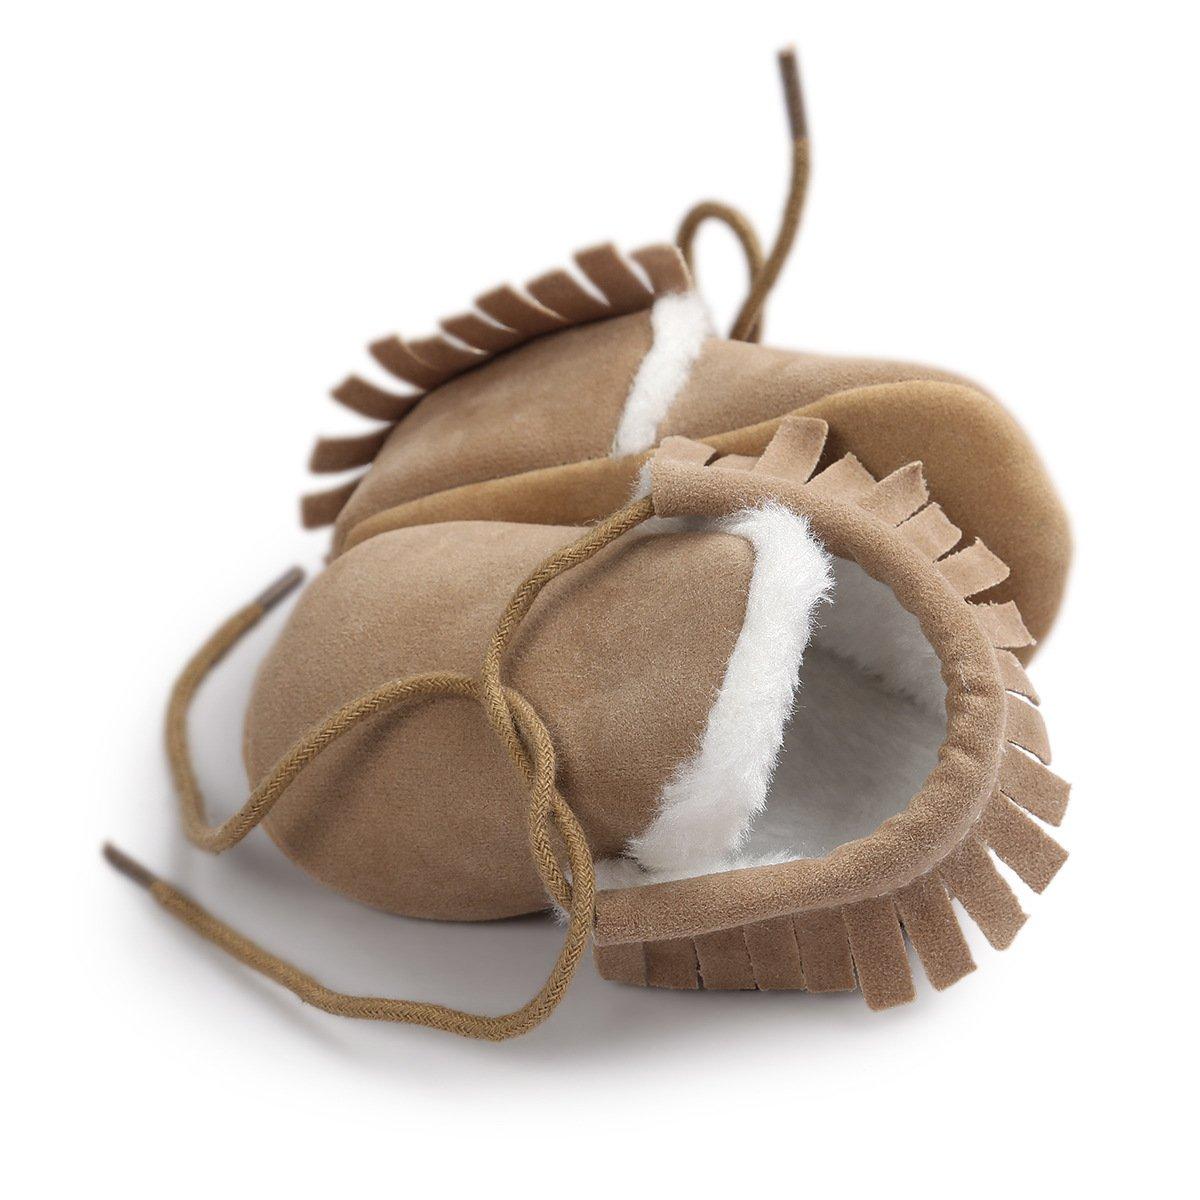 Tukistore Botines con Flecos Suave Suela Botas de Nieve ni/ñas Ni/ños Primeros Pasos Zapatos Calientes Prewalker de Suela Blanda Zapatillas Antideslizantes Scrub Botines de Bebe Invierno